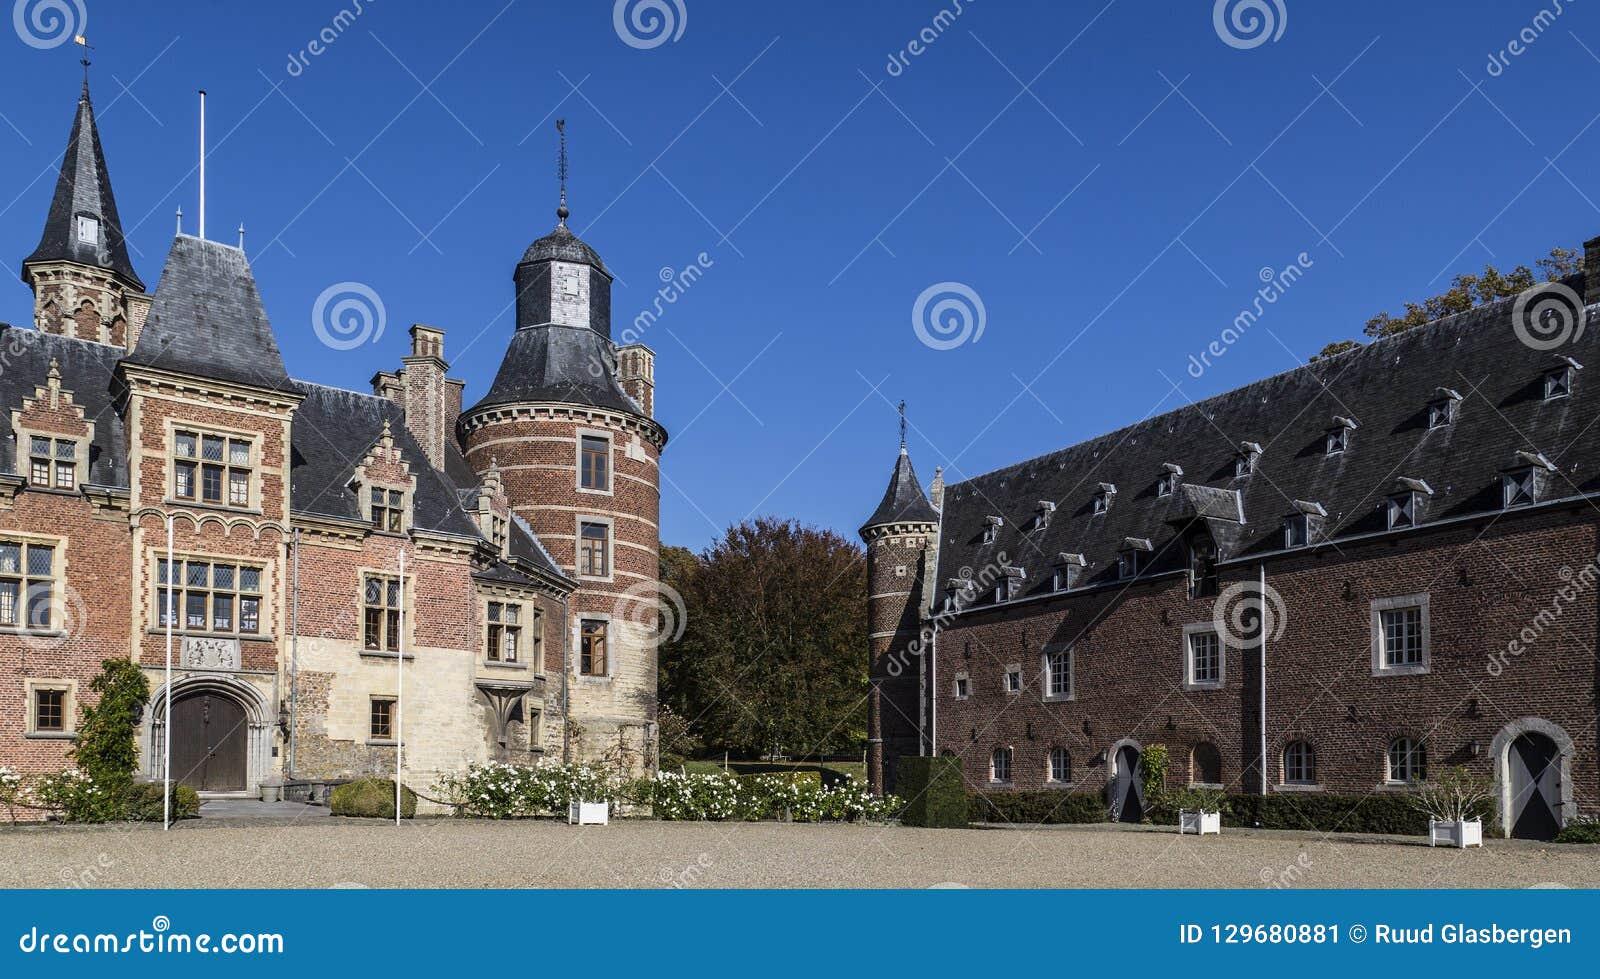 Kasteel Mheer, privé landgoed in Zuid-Limburg Het kasteeldomein is onlangs geclassificeerd als landgoed